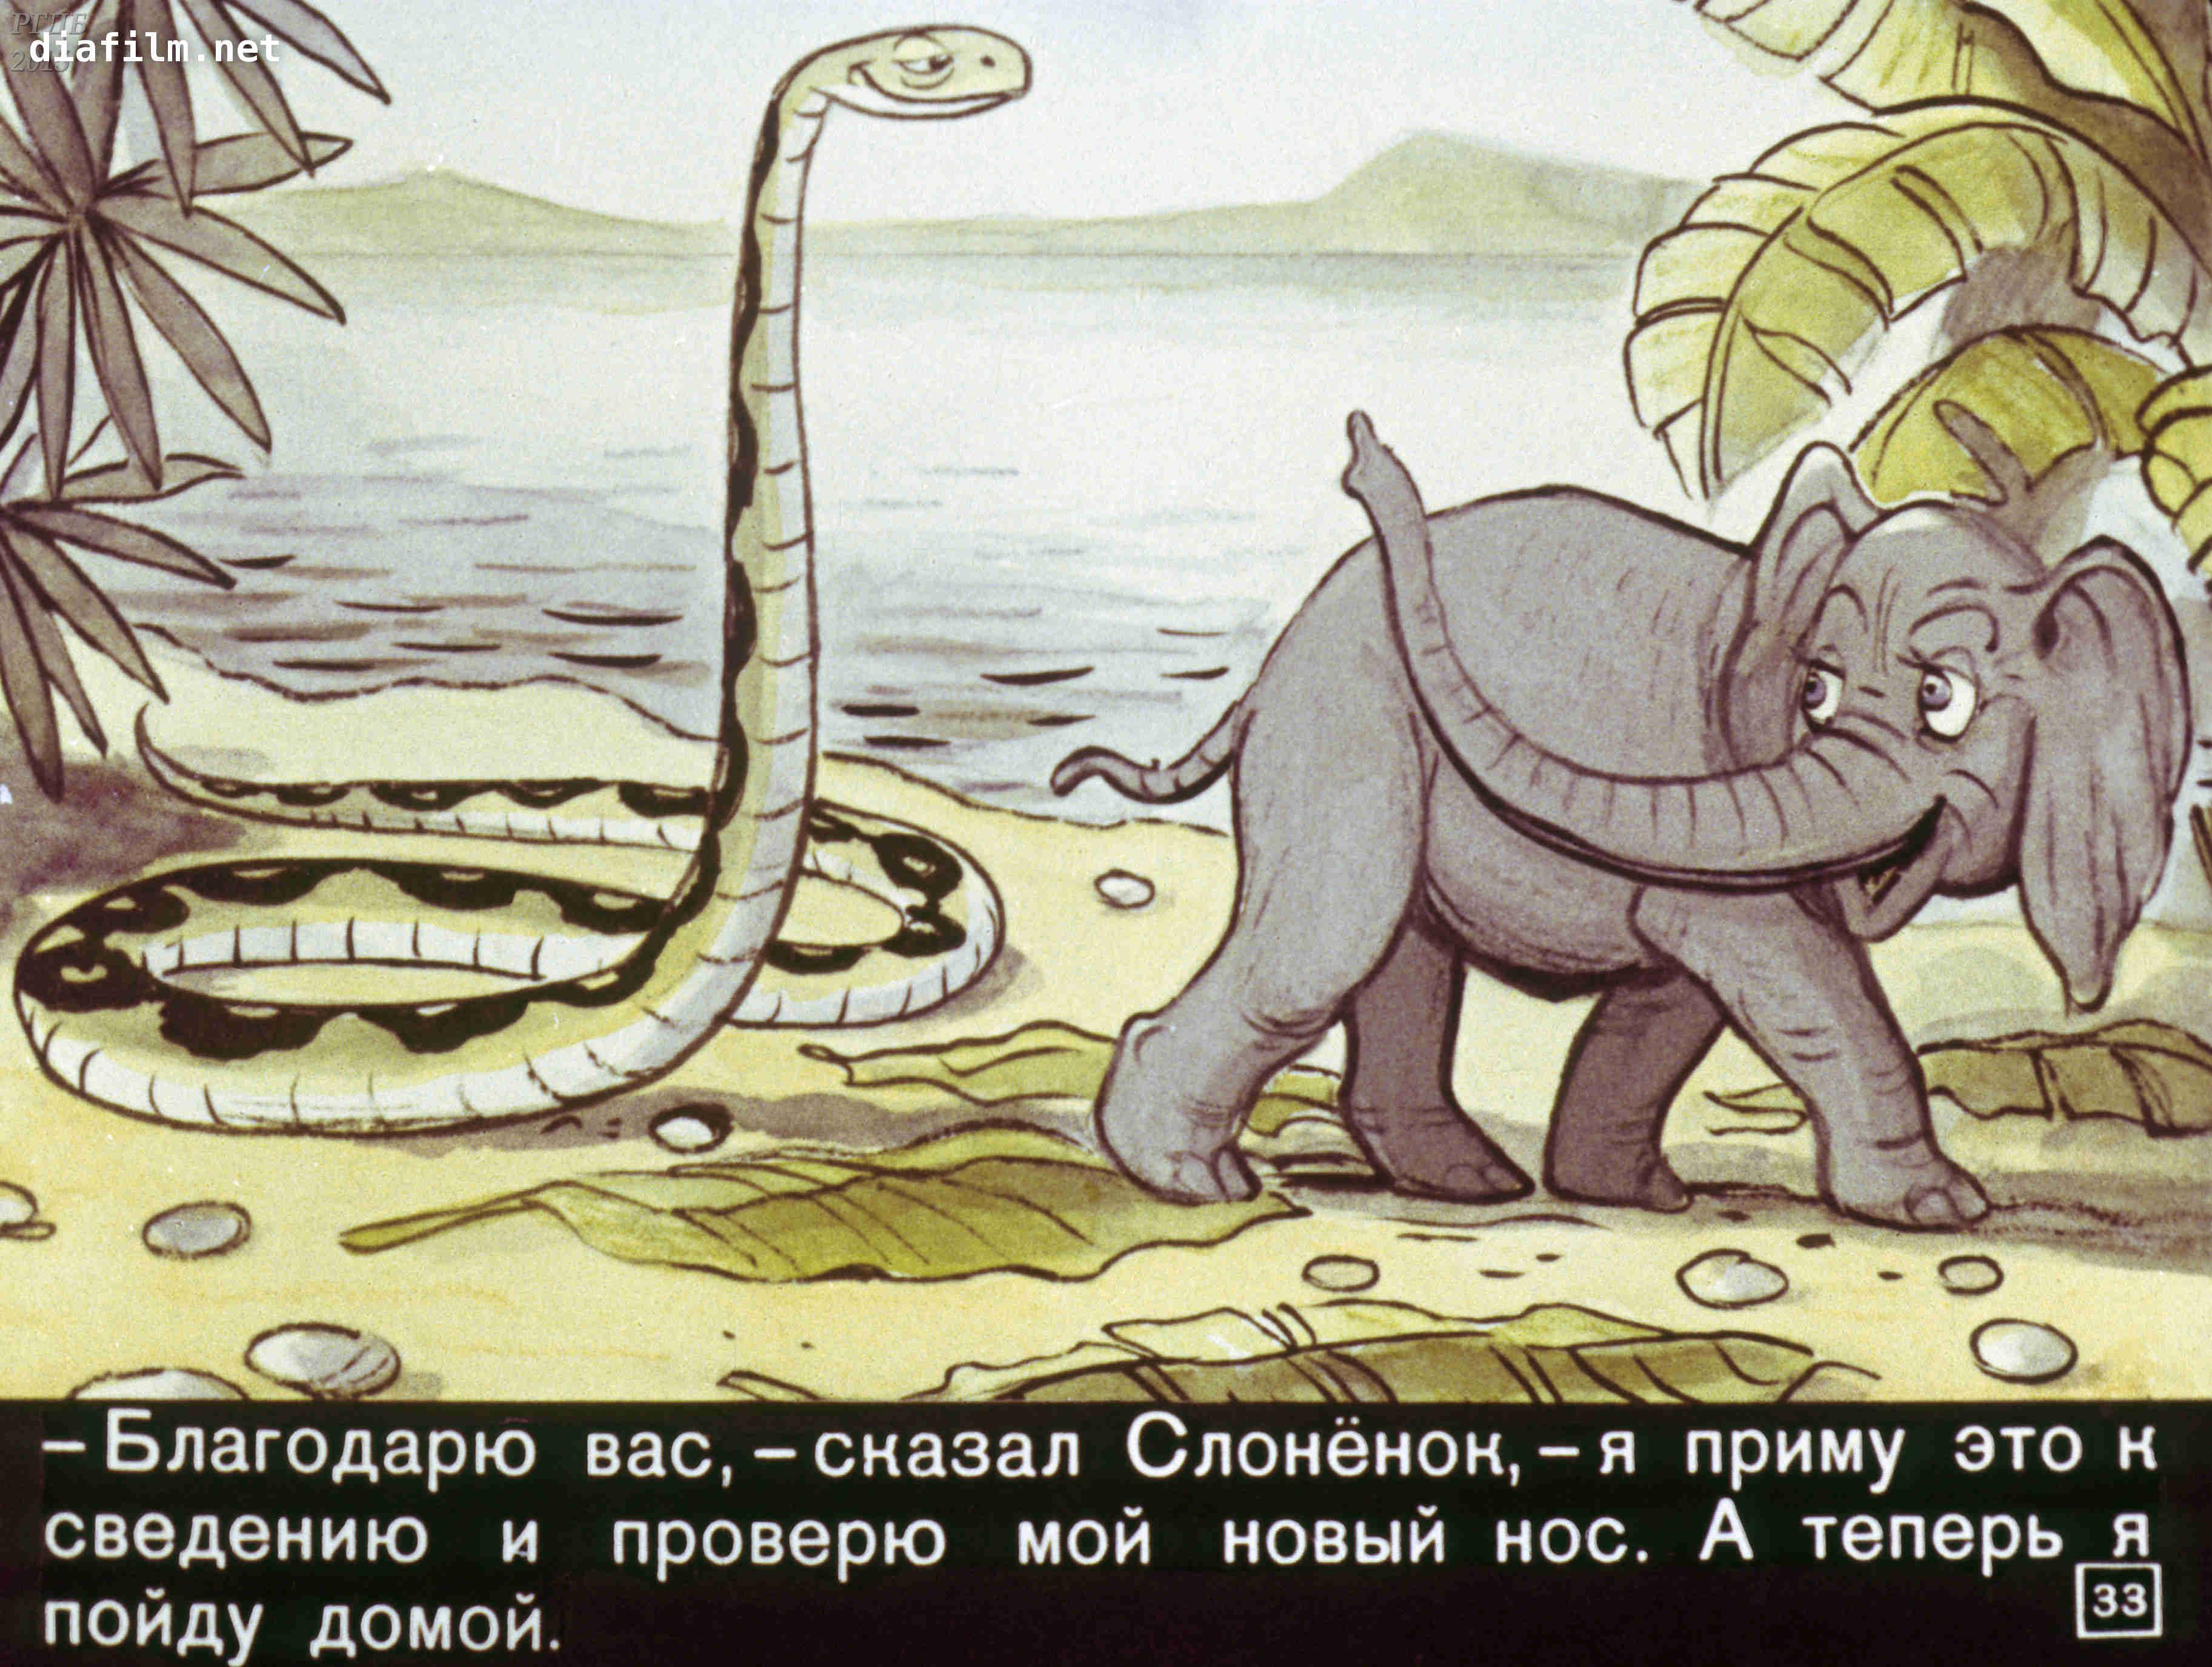 иллюстрации к сказке слоненок видео руководстве